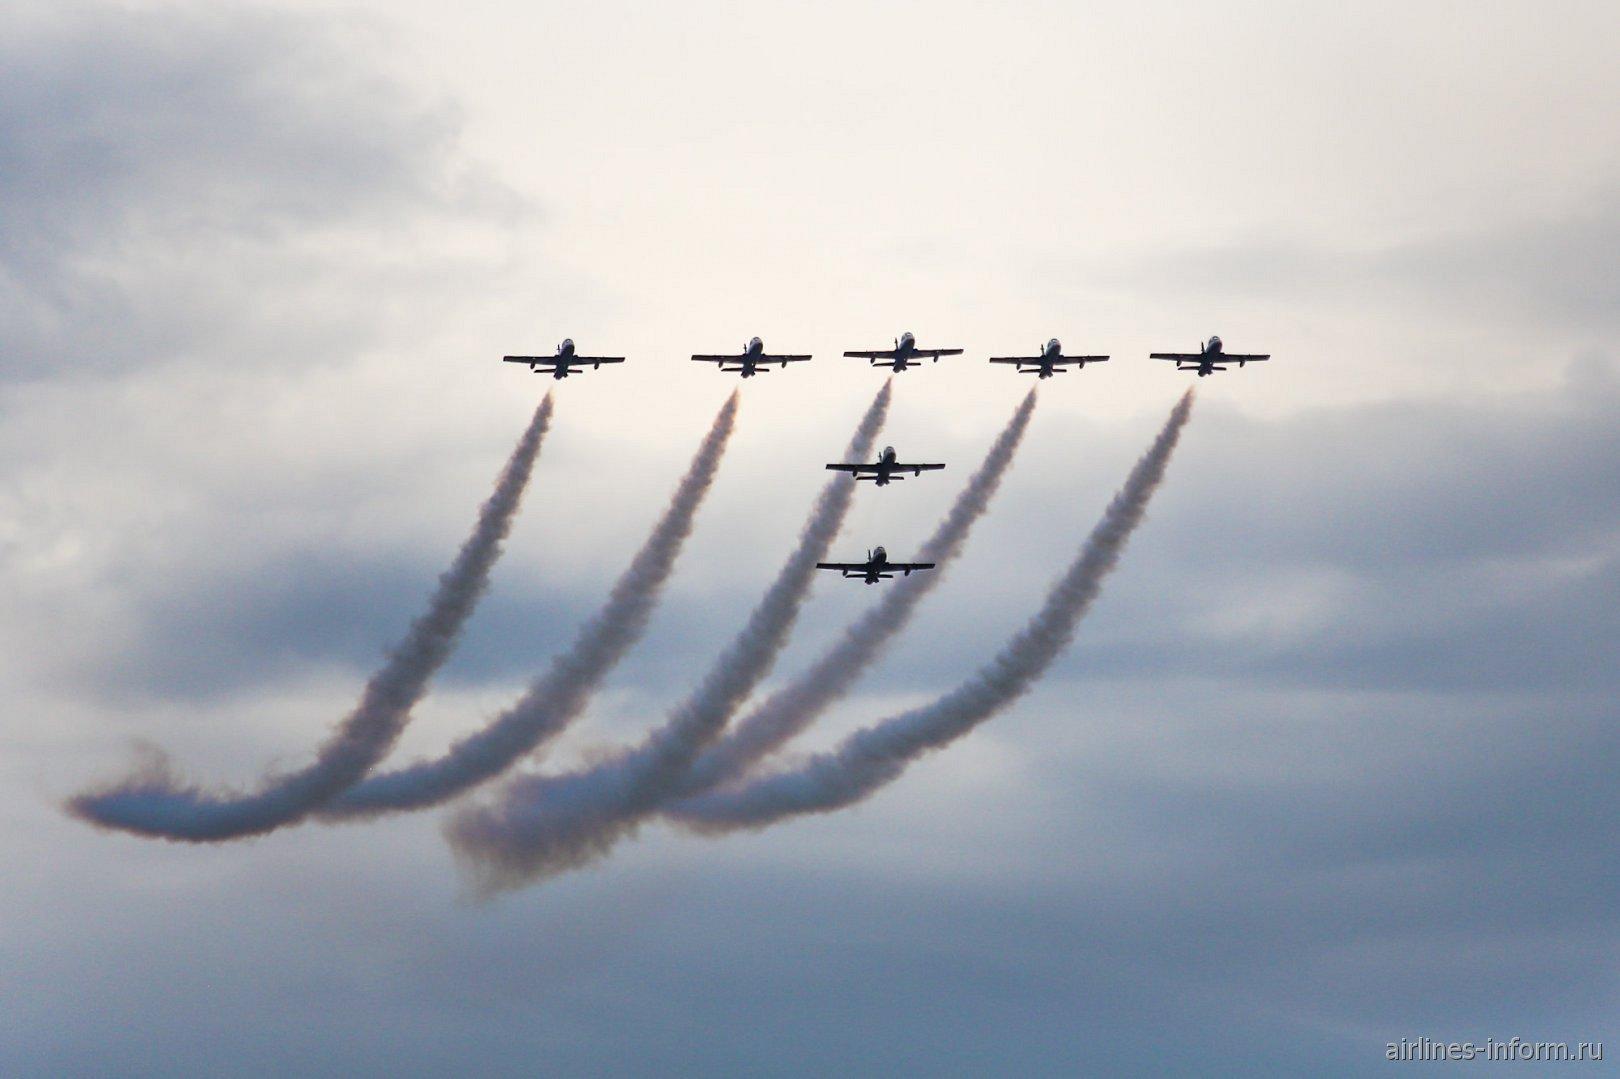 Пилотажная группа